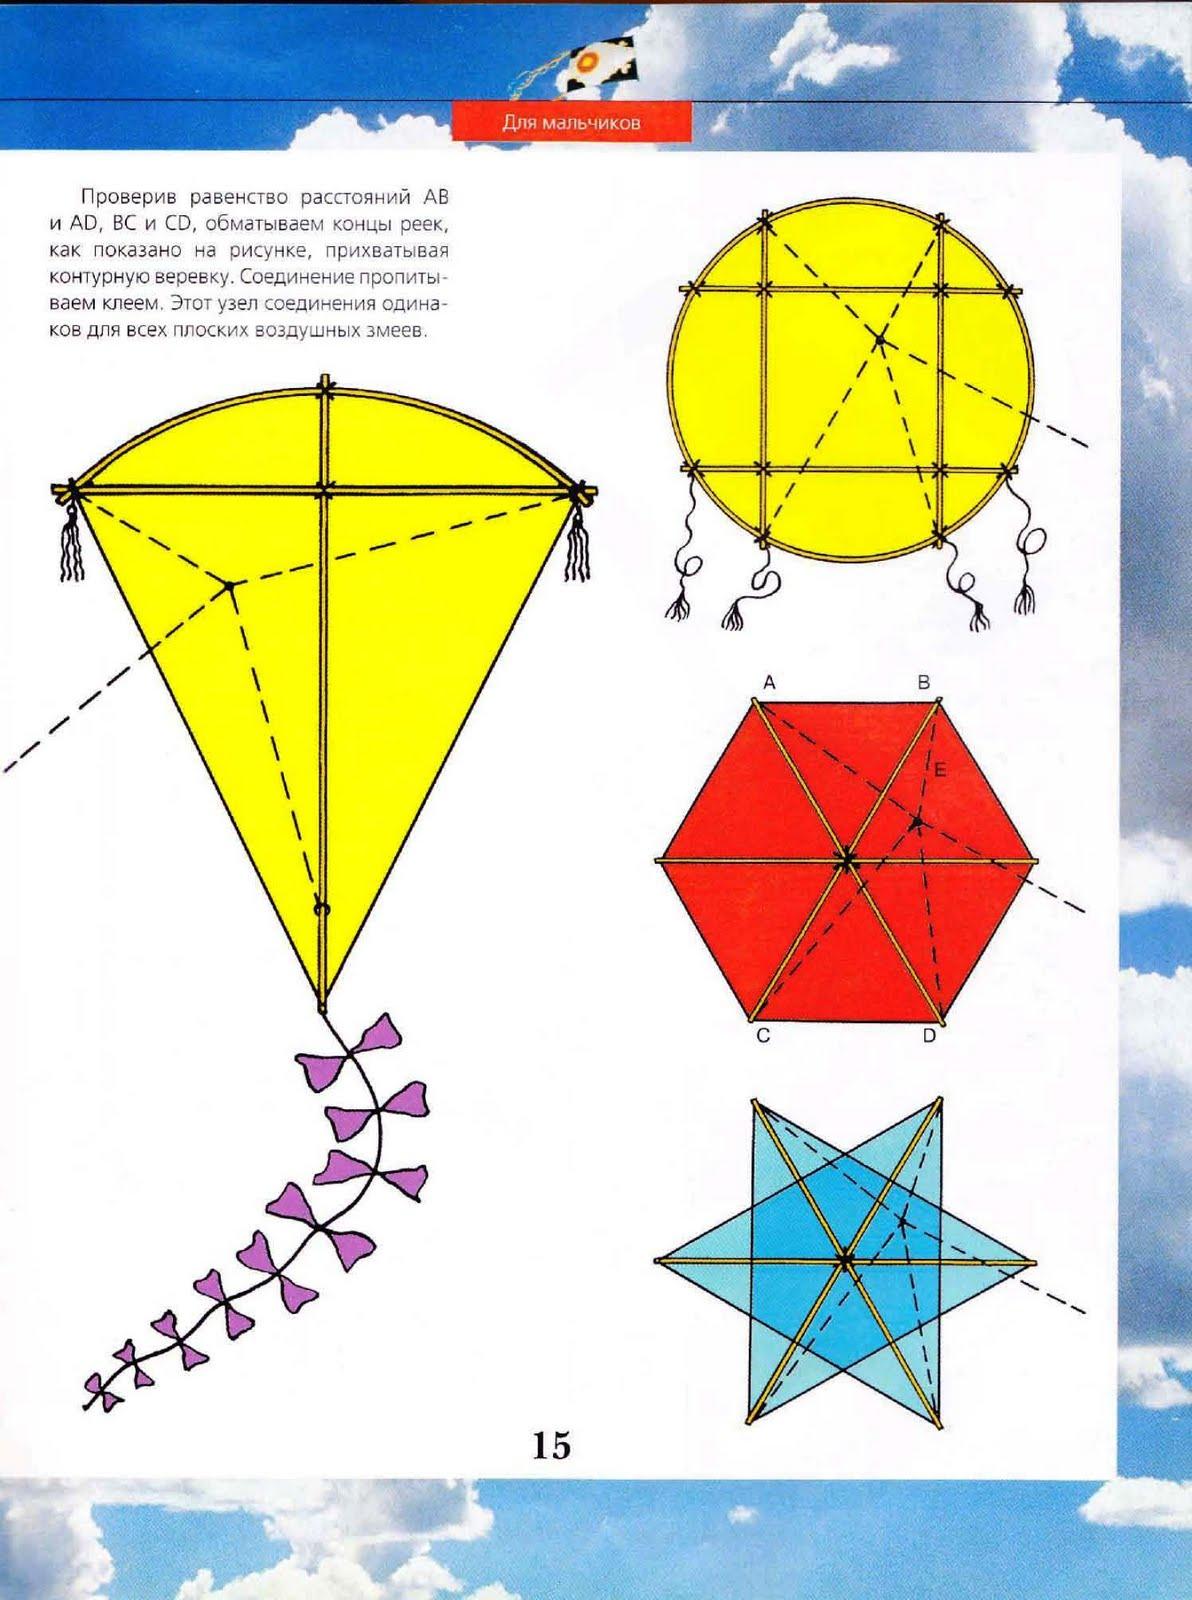 Как сделать воздушного змея? Инструкции, Схема, Фото 83